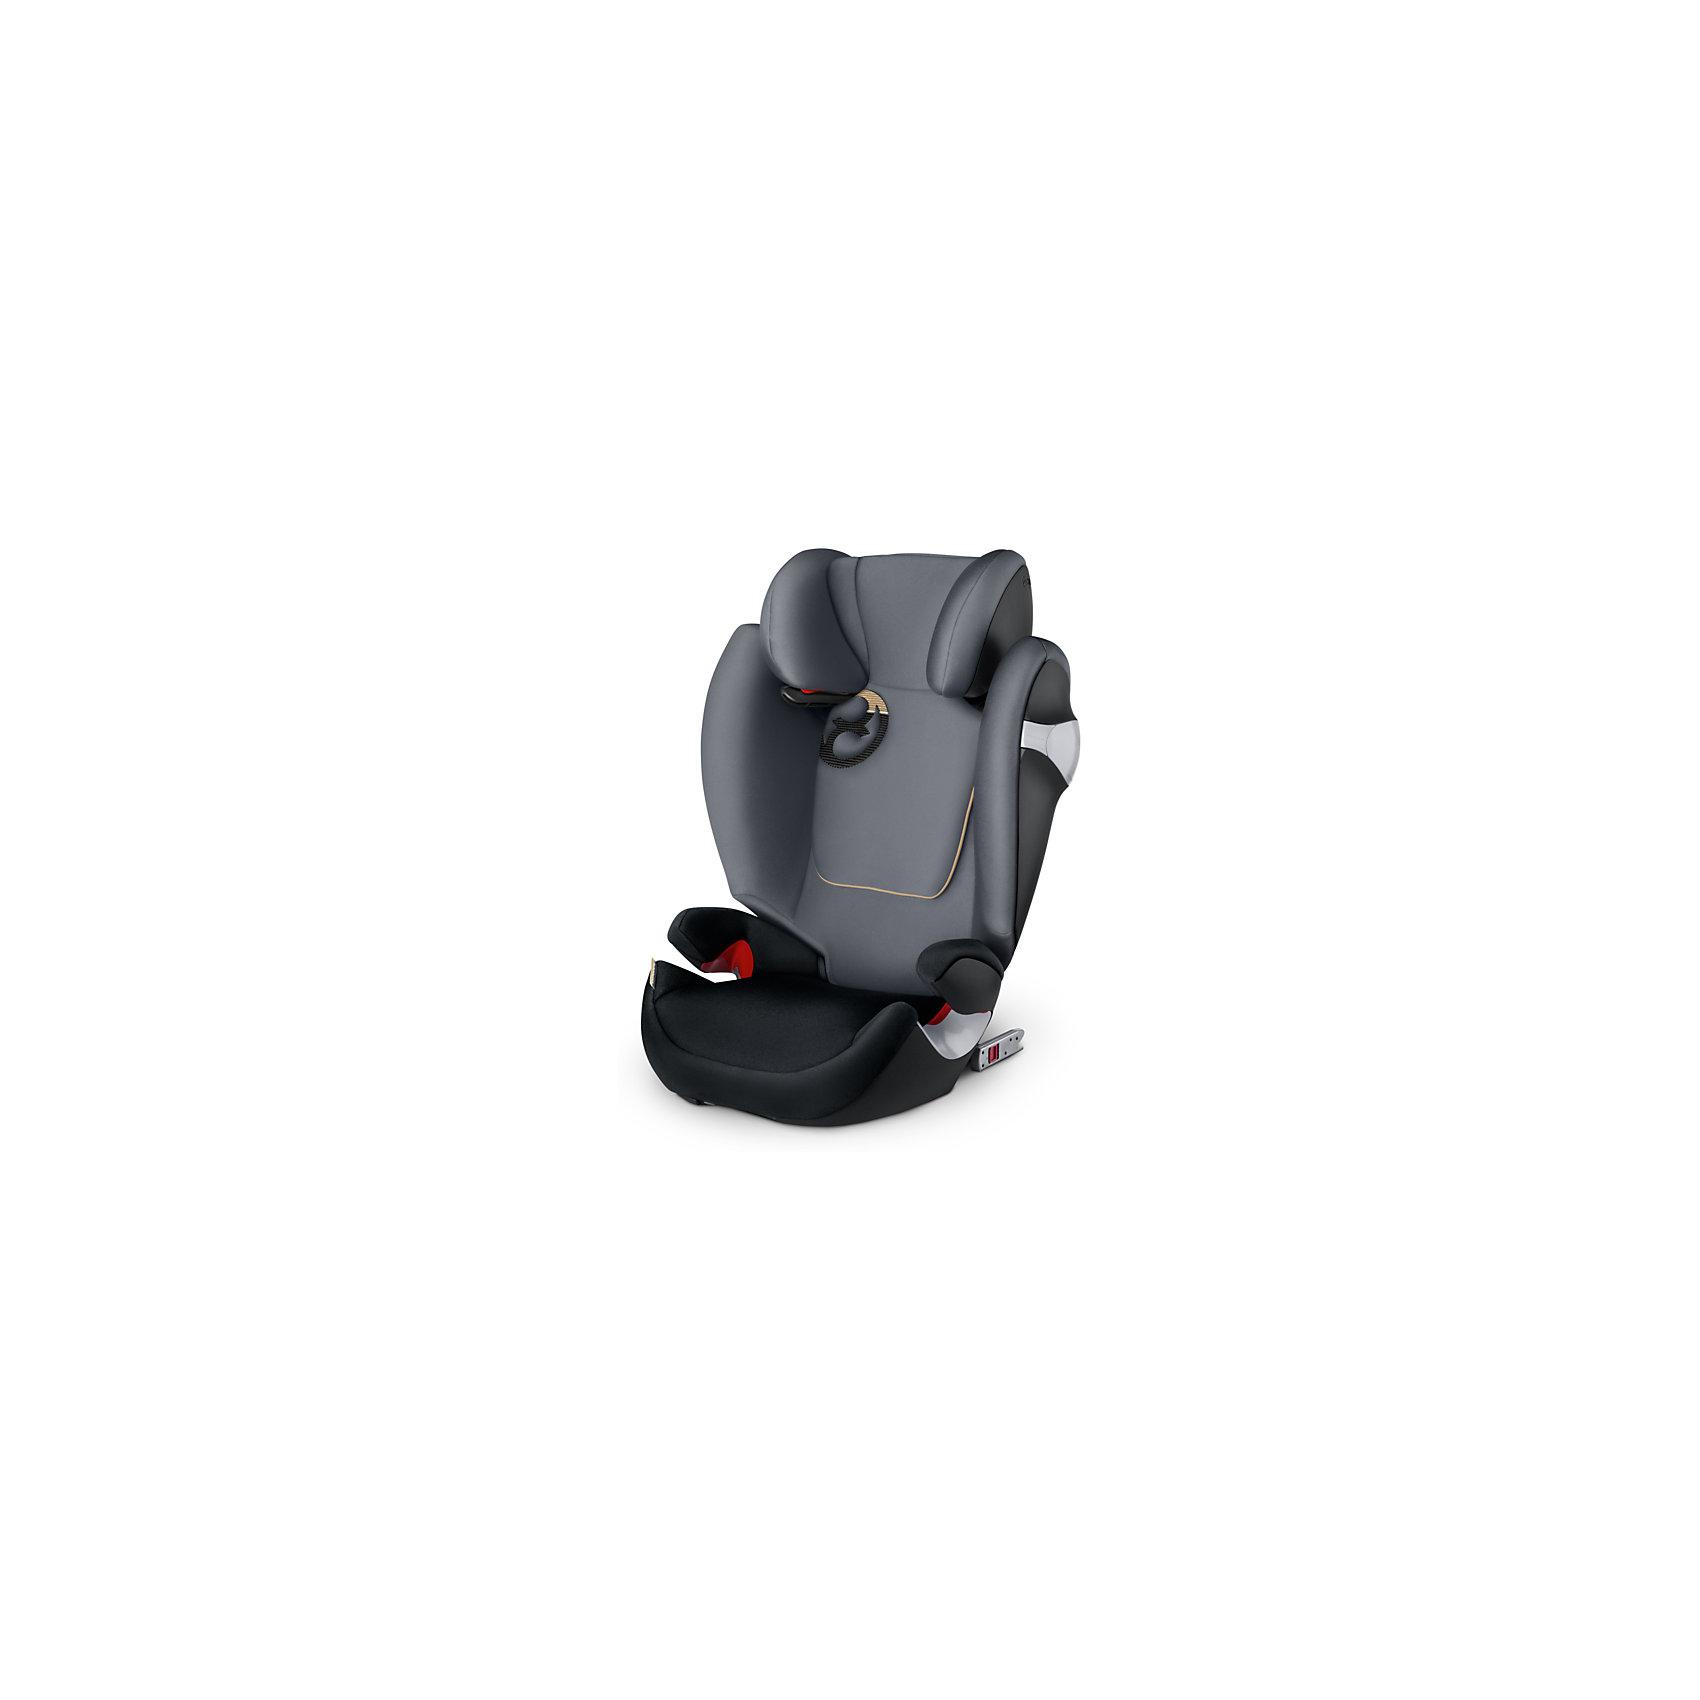 Автокресло Cybex Solution M-Fix, 15-36 кг, Graphite Black